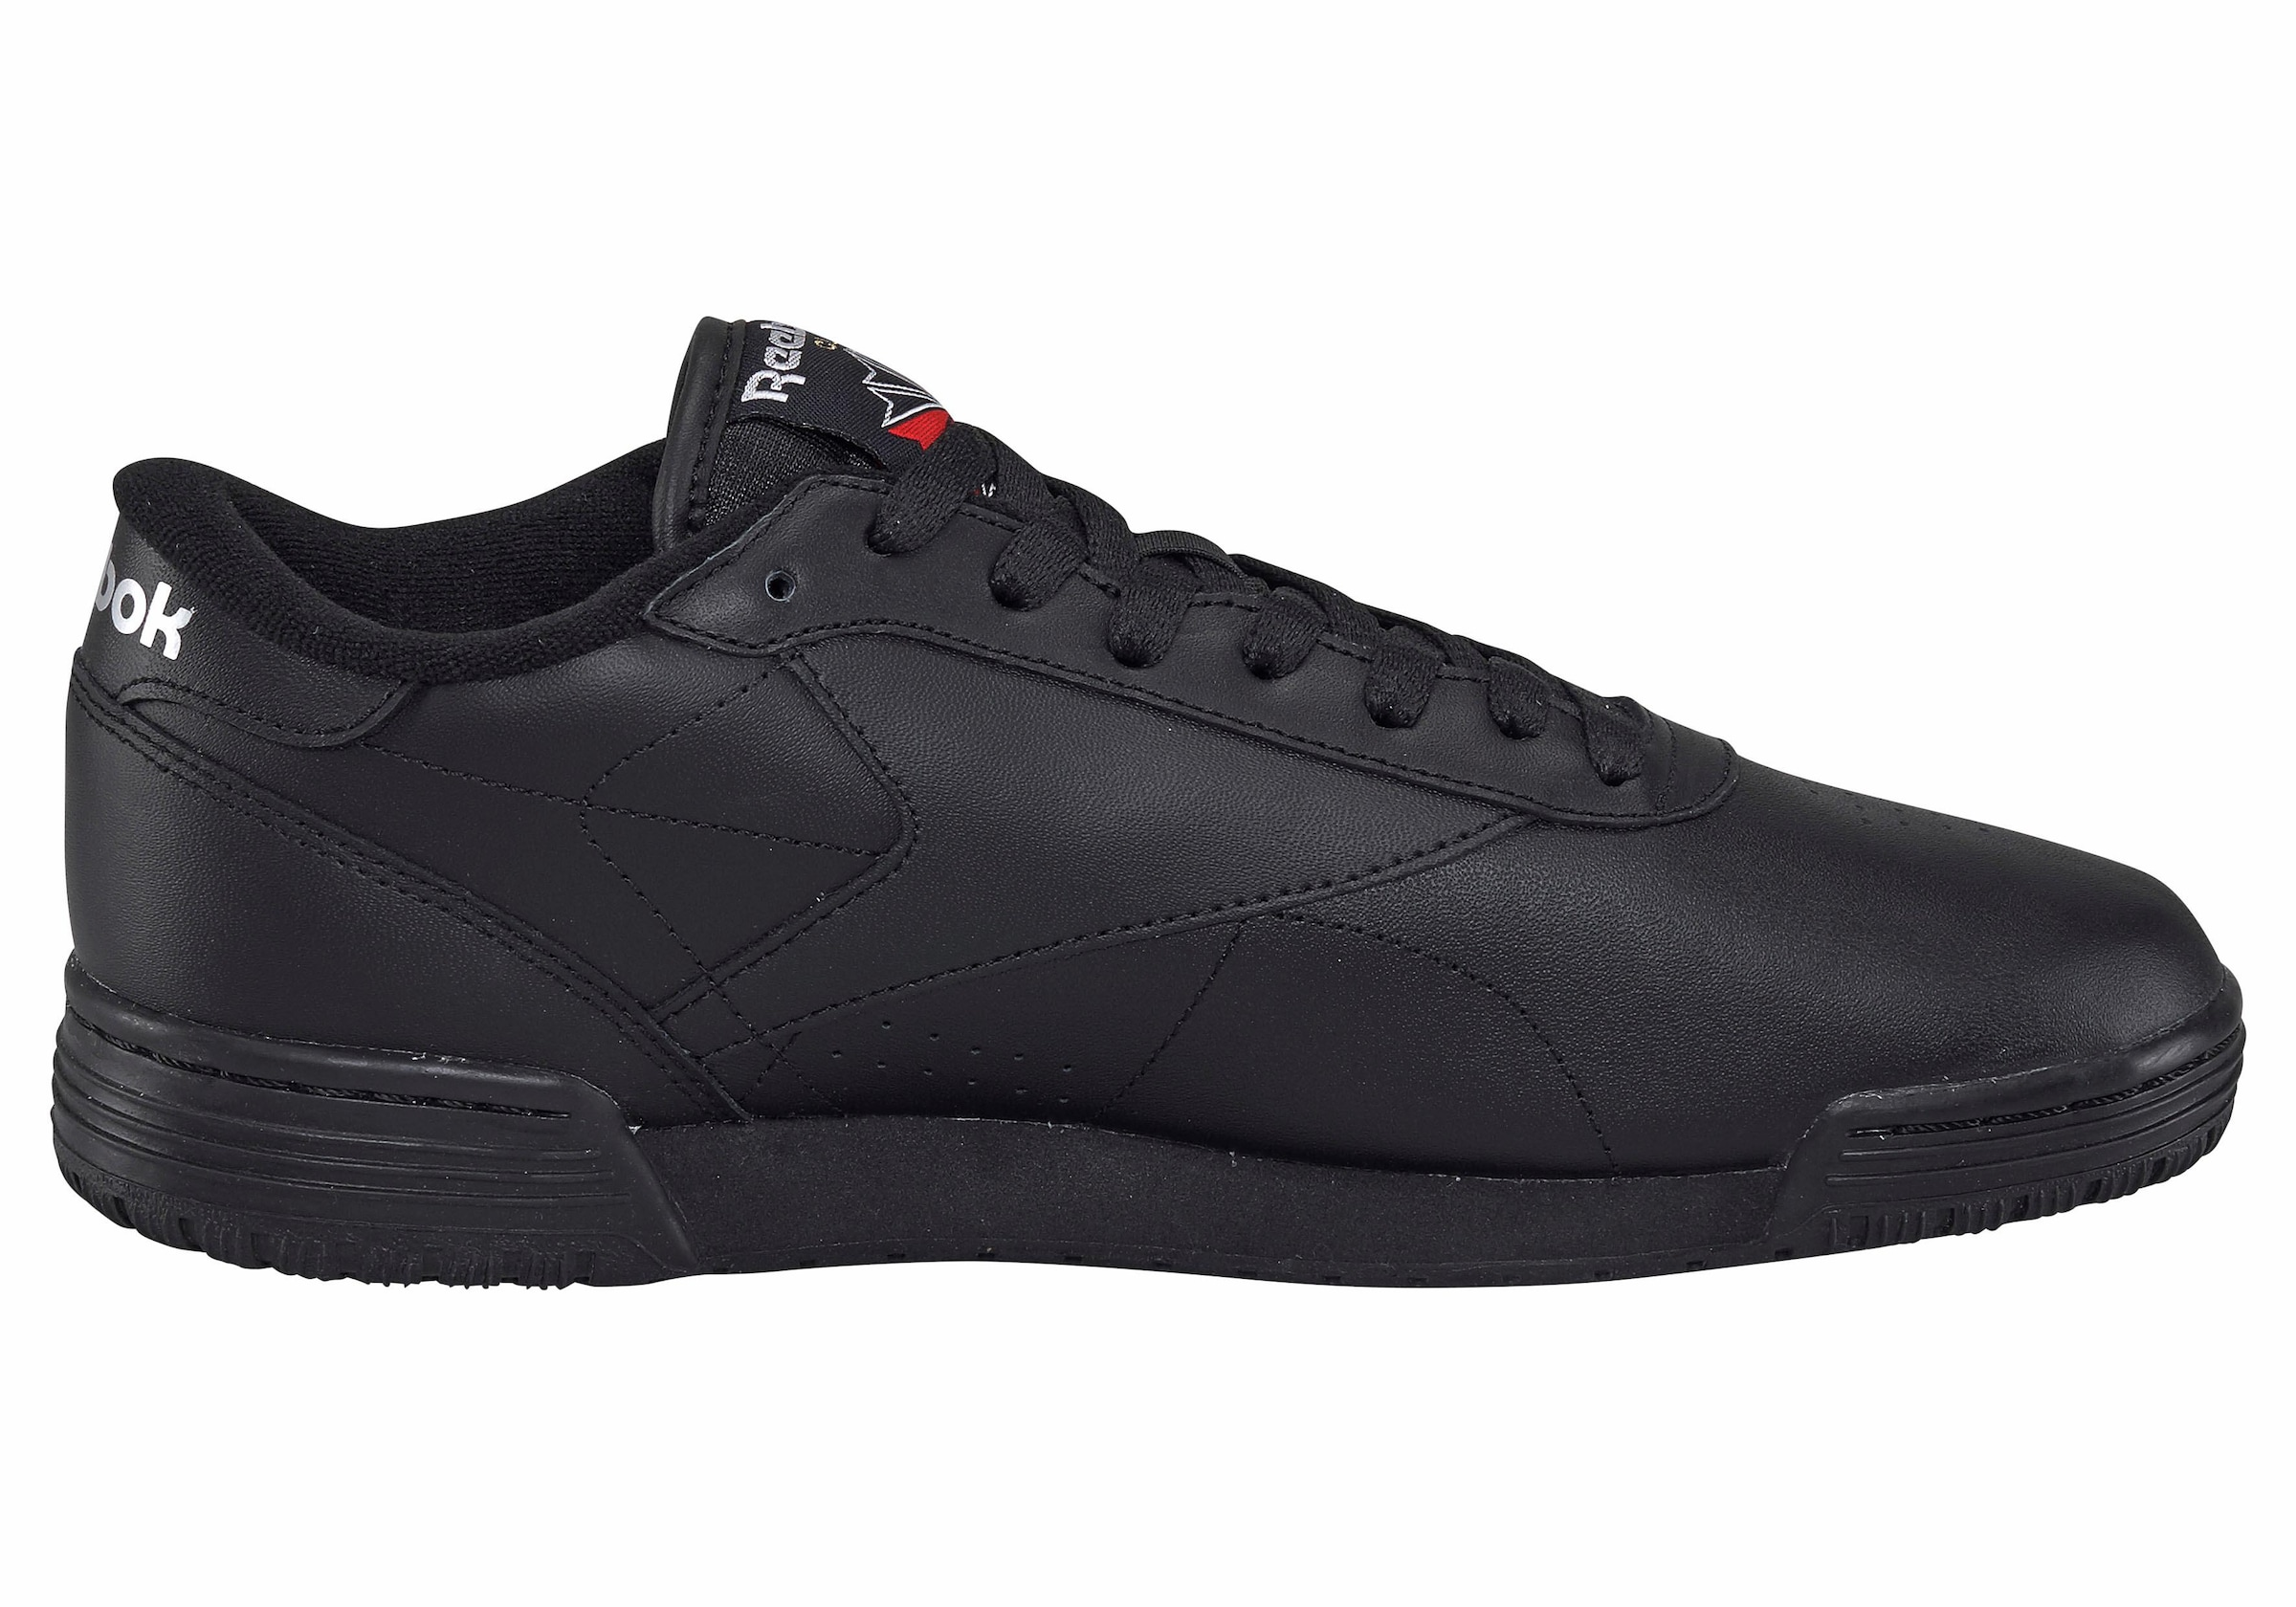 Reebok Classic Sneaker  ;Ex-O-Fit Clean Logo Int Gutes  online kaufen   Gutes Int Preis-Leistungs-Verhältnis, es lohnt sich,Trend-3039 33e82f